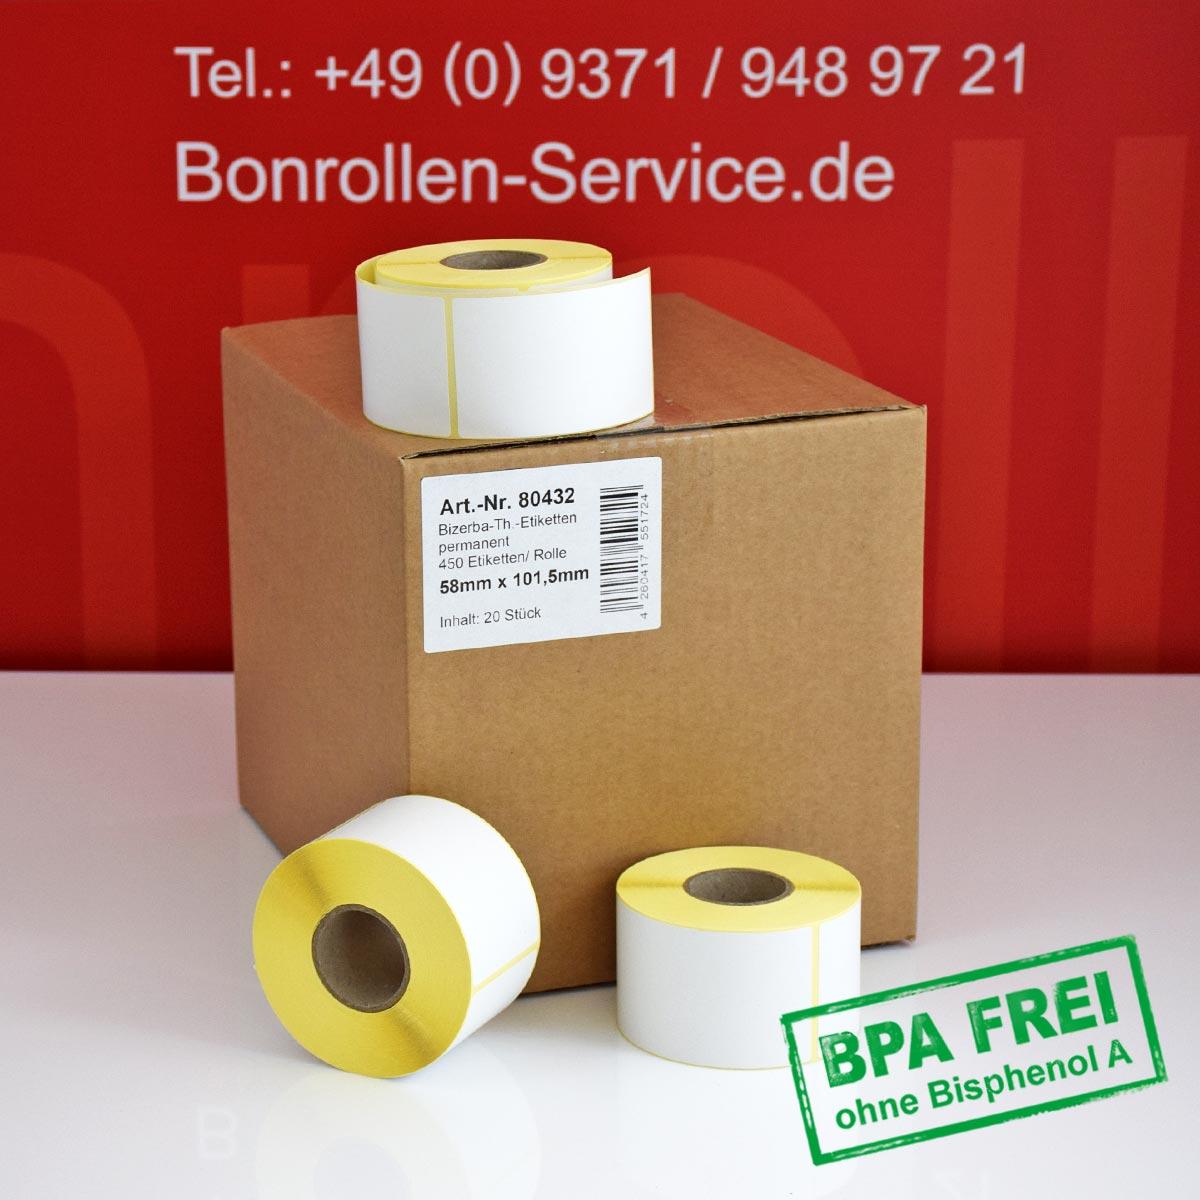 Thermo-Etikettenrollen ohne BPA, 58 x 101,5 für Bizerba, permanent